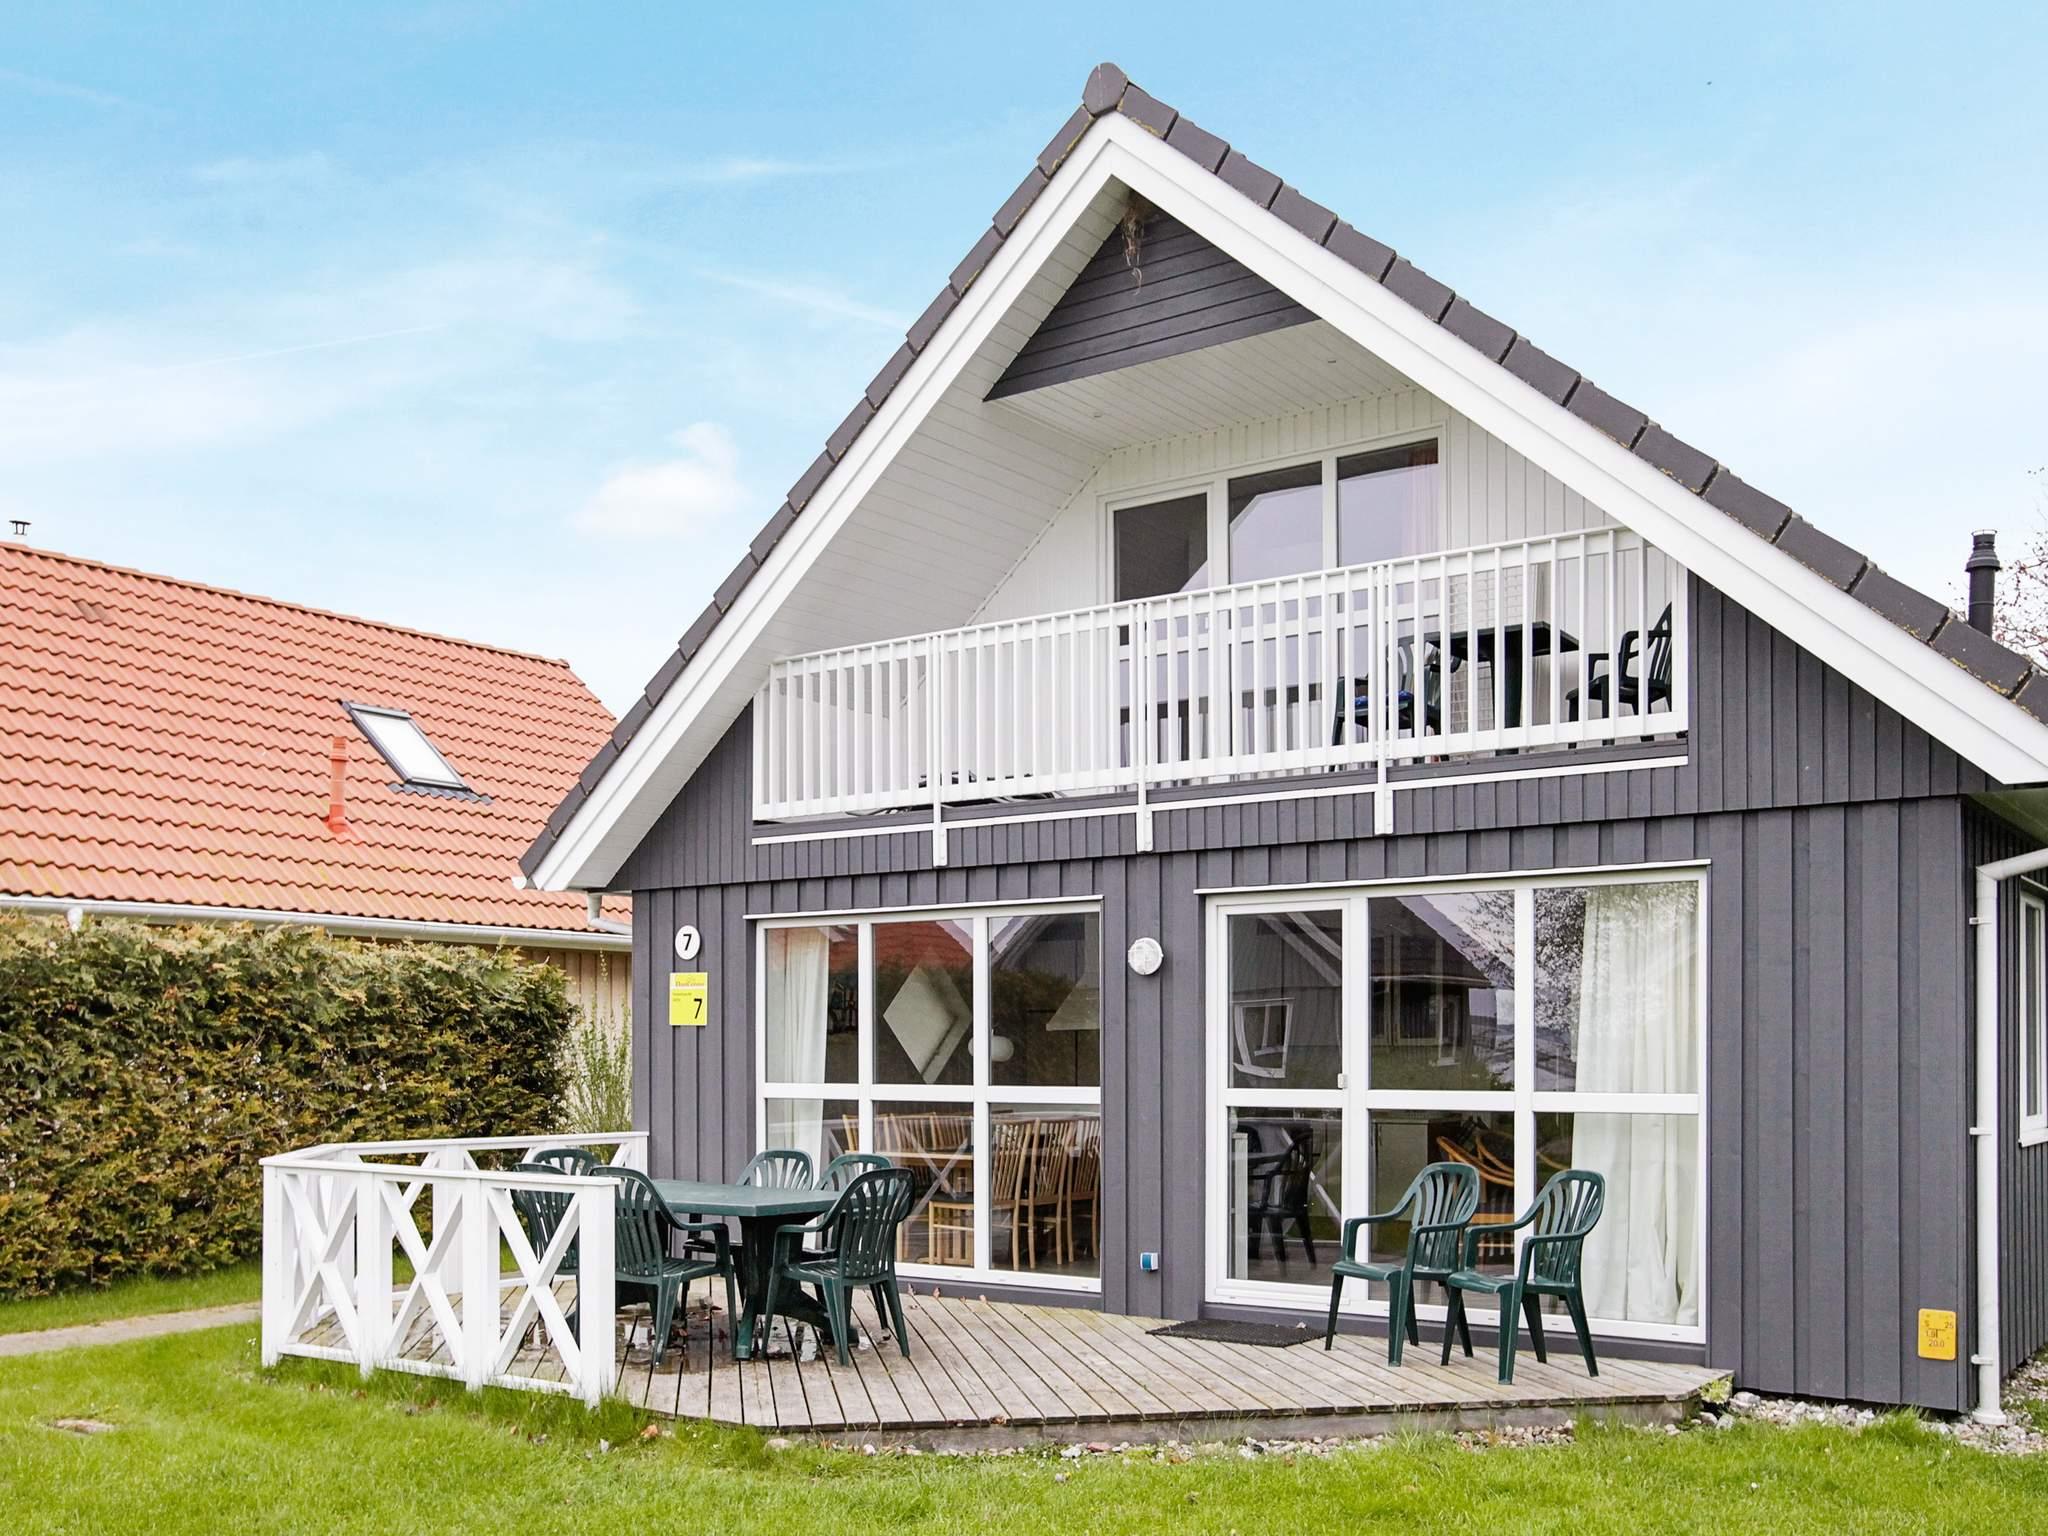 Ferienhaus Gelting (135793), Gelting, Geltinger Bucht, Schleswig-Holstein, Deutschland, Bild 17